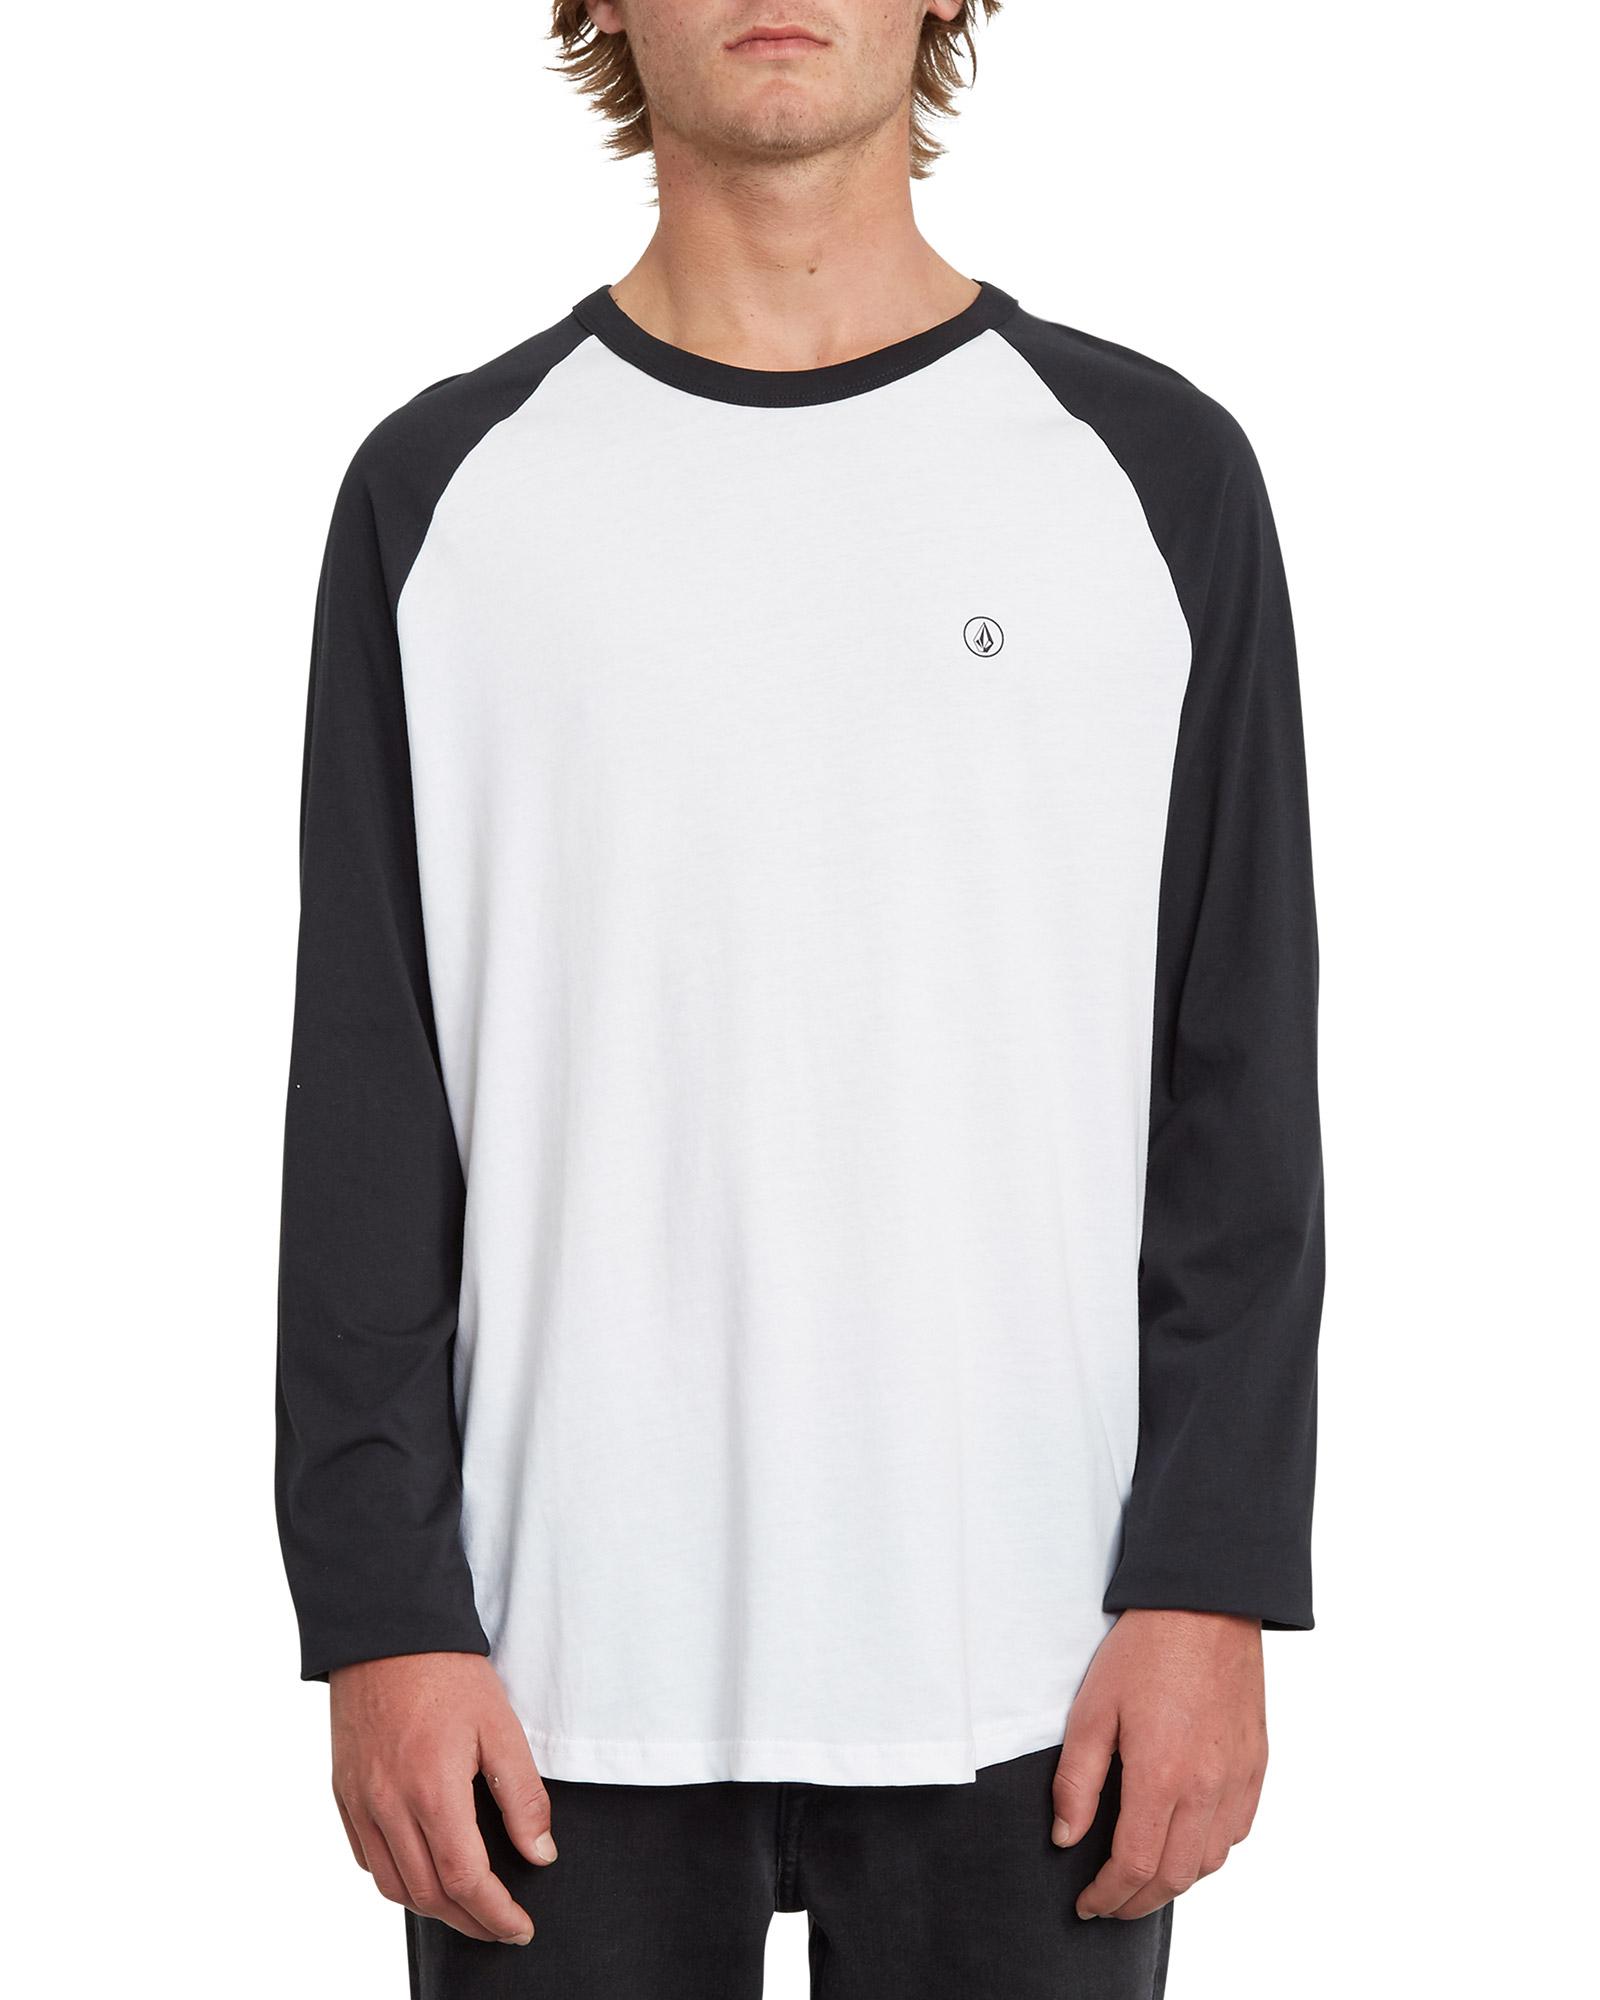 Volcom Men's Pen BSC Long Sleeve T-Shirt 0